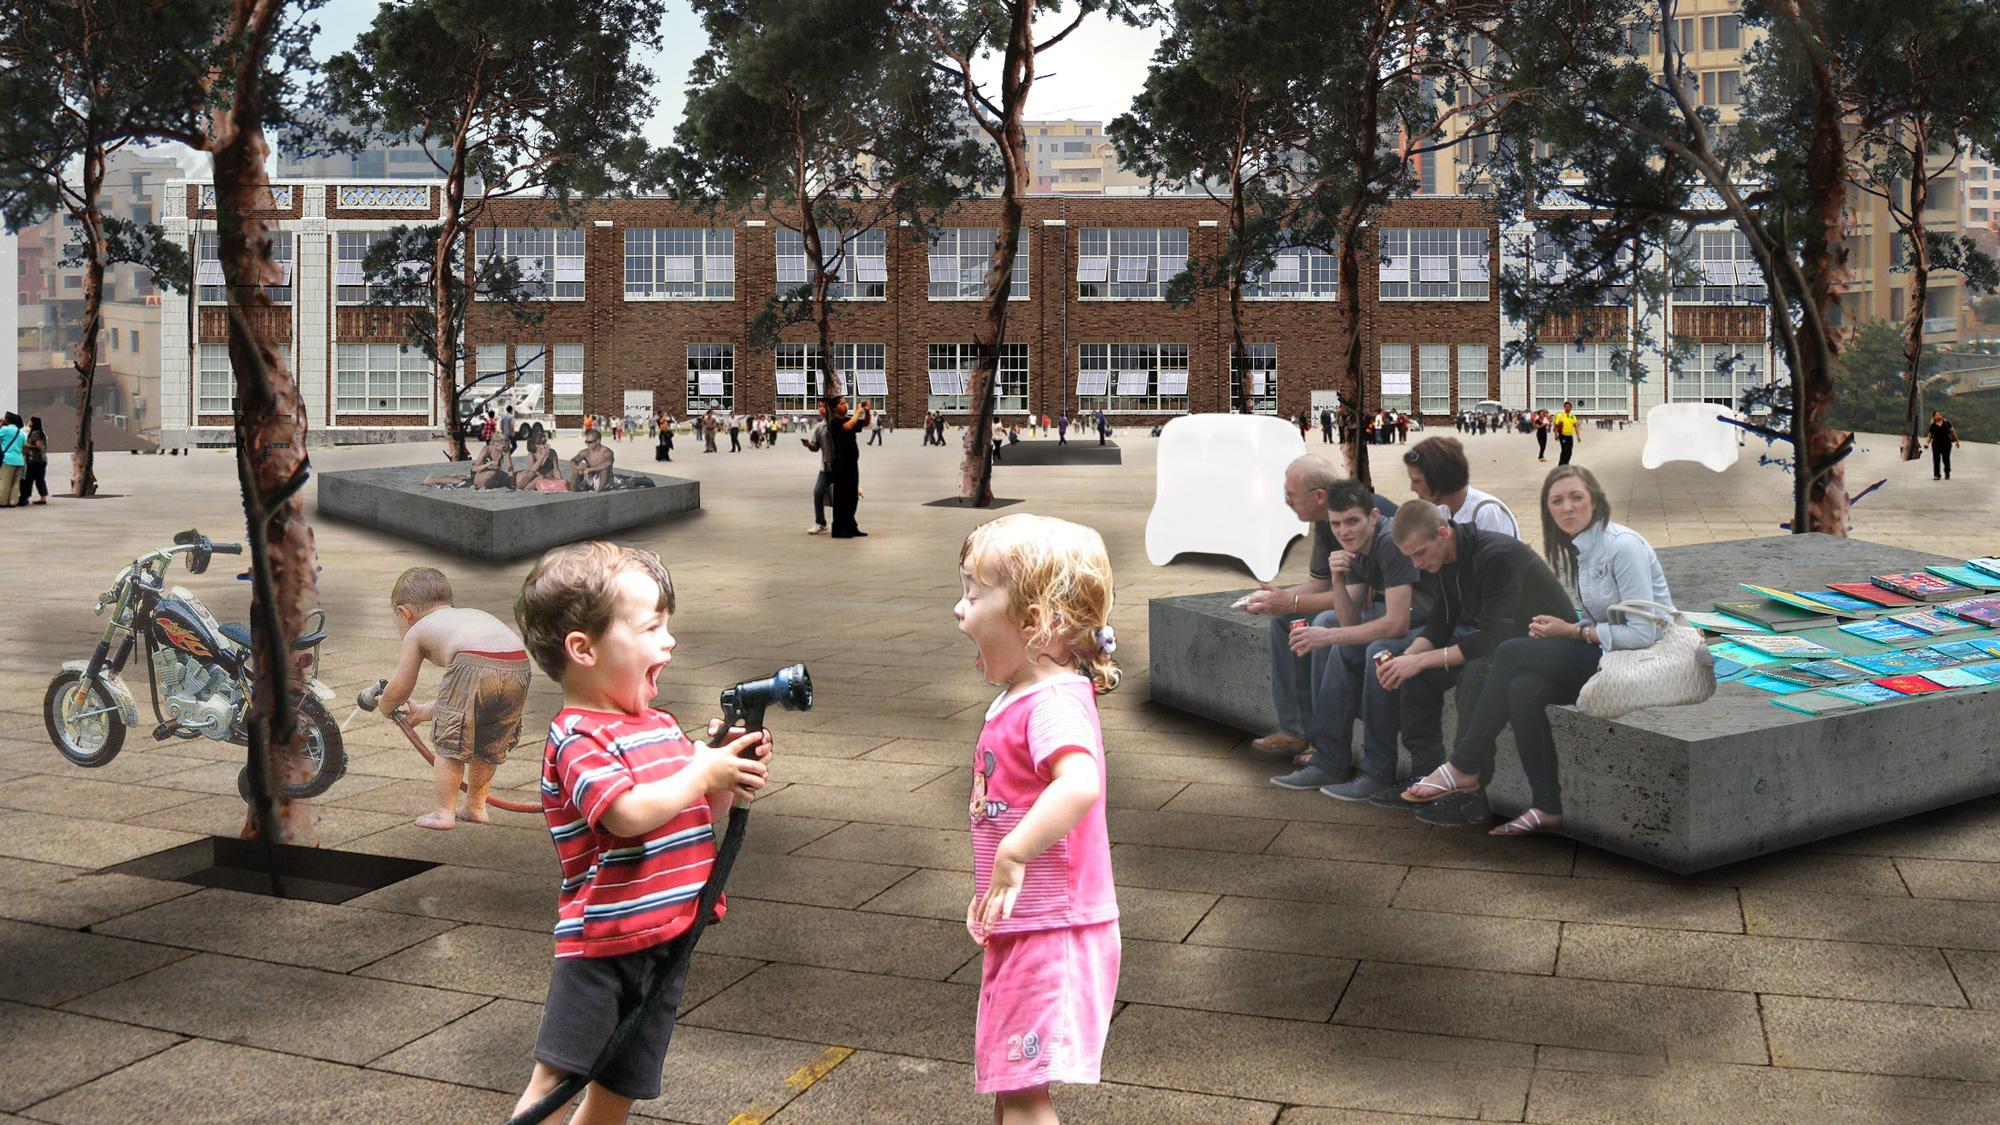 collage_dense-suburbs2b.jpg